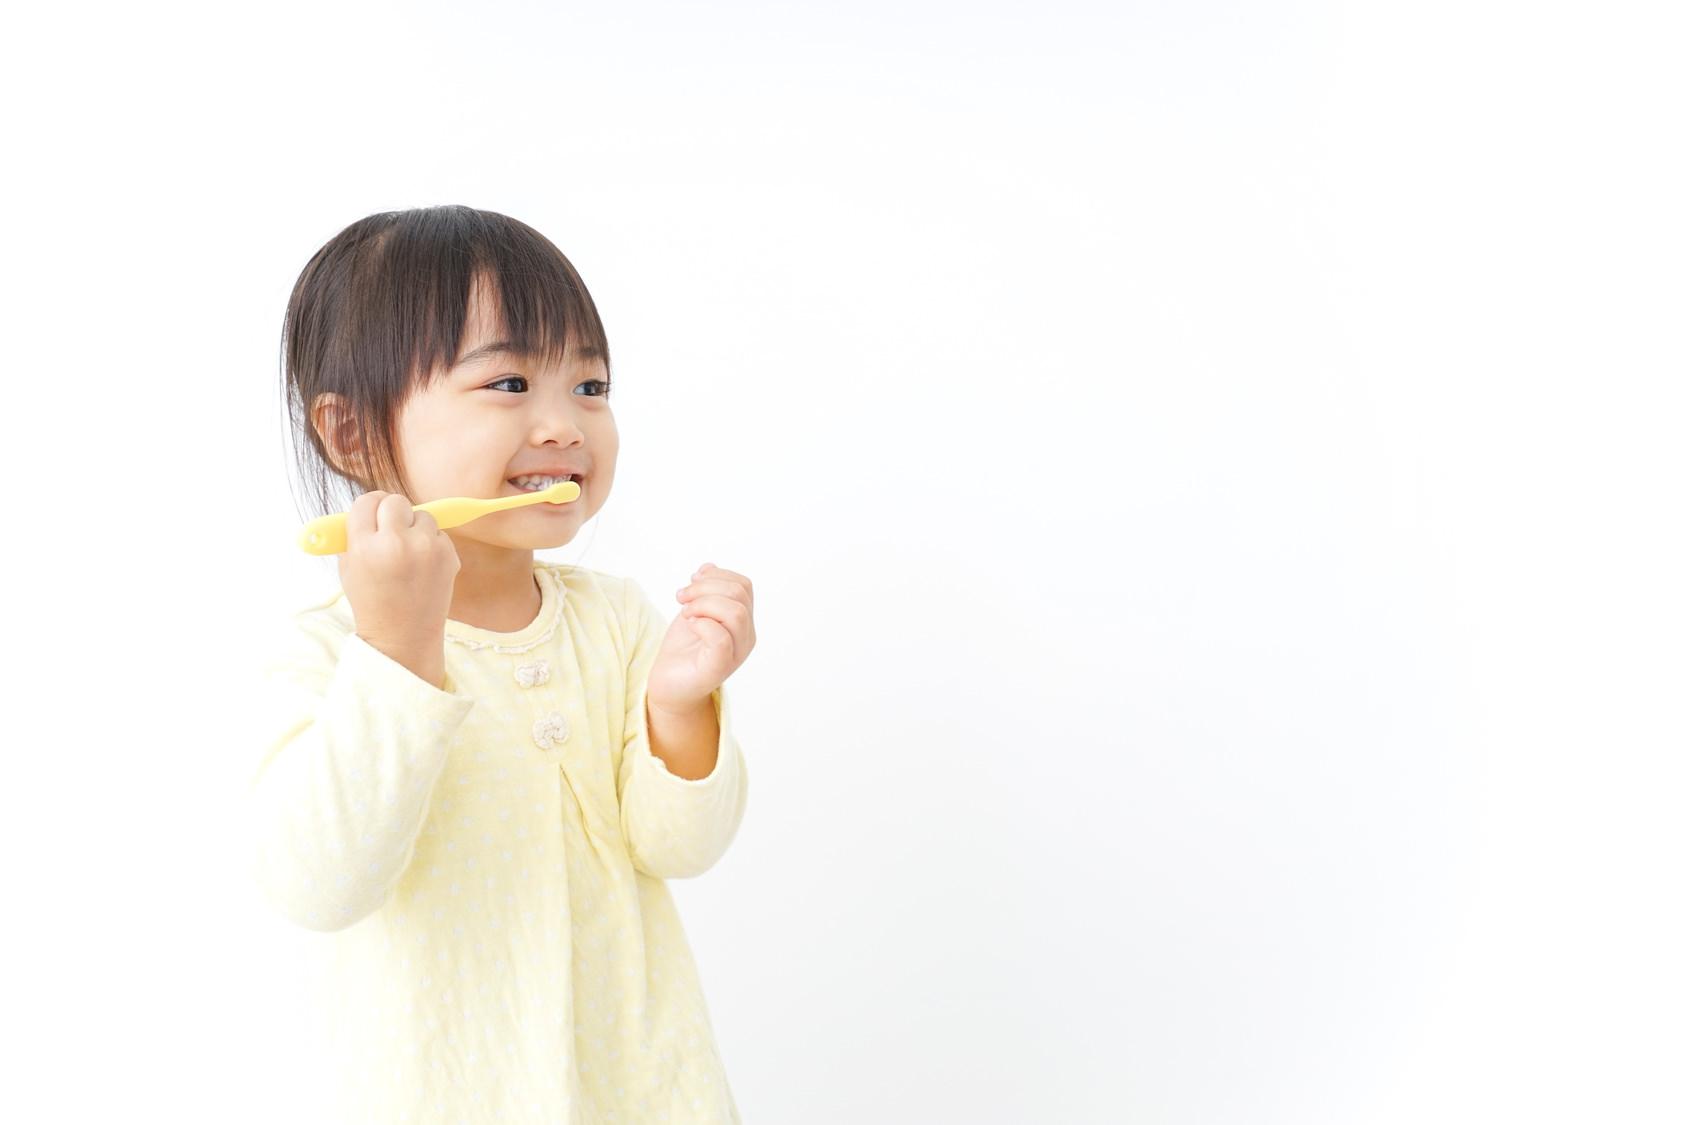 子供の歯磨きについてお困りの親御さんへ